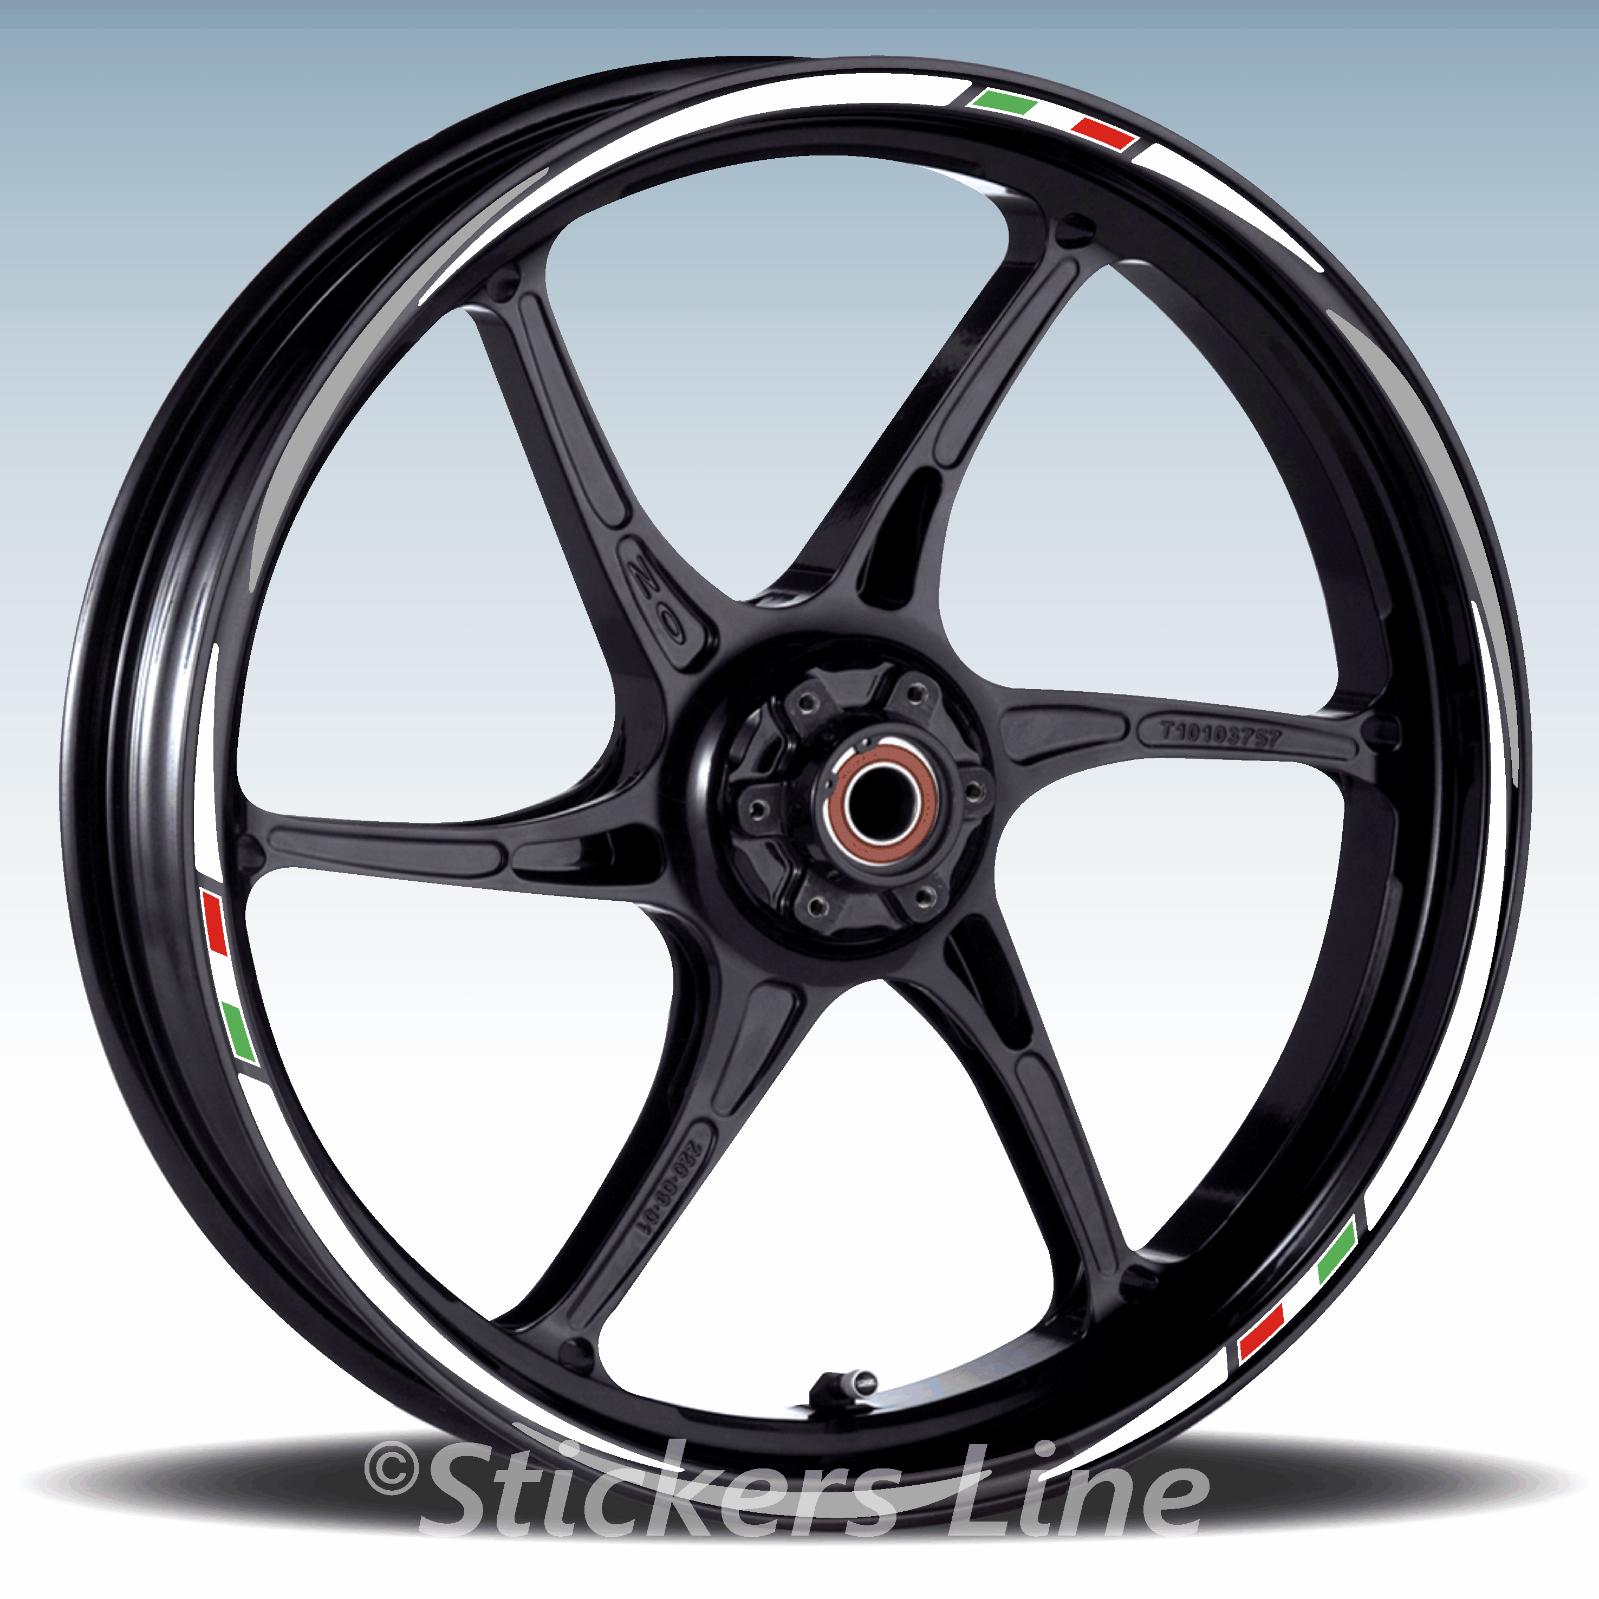 Adesivi ruote moto strisce cerchi BENELLI BN600I BN 600I wheels stickers racing3